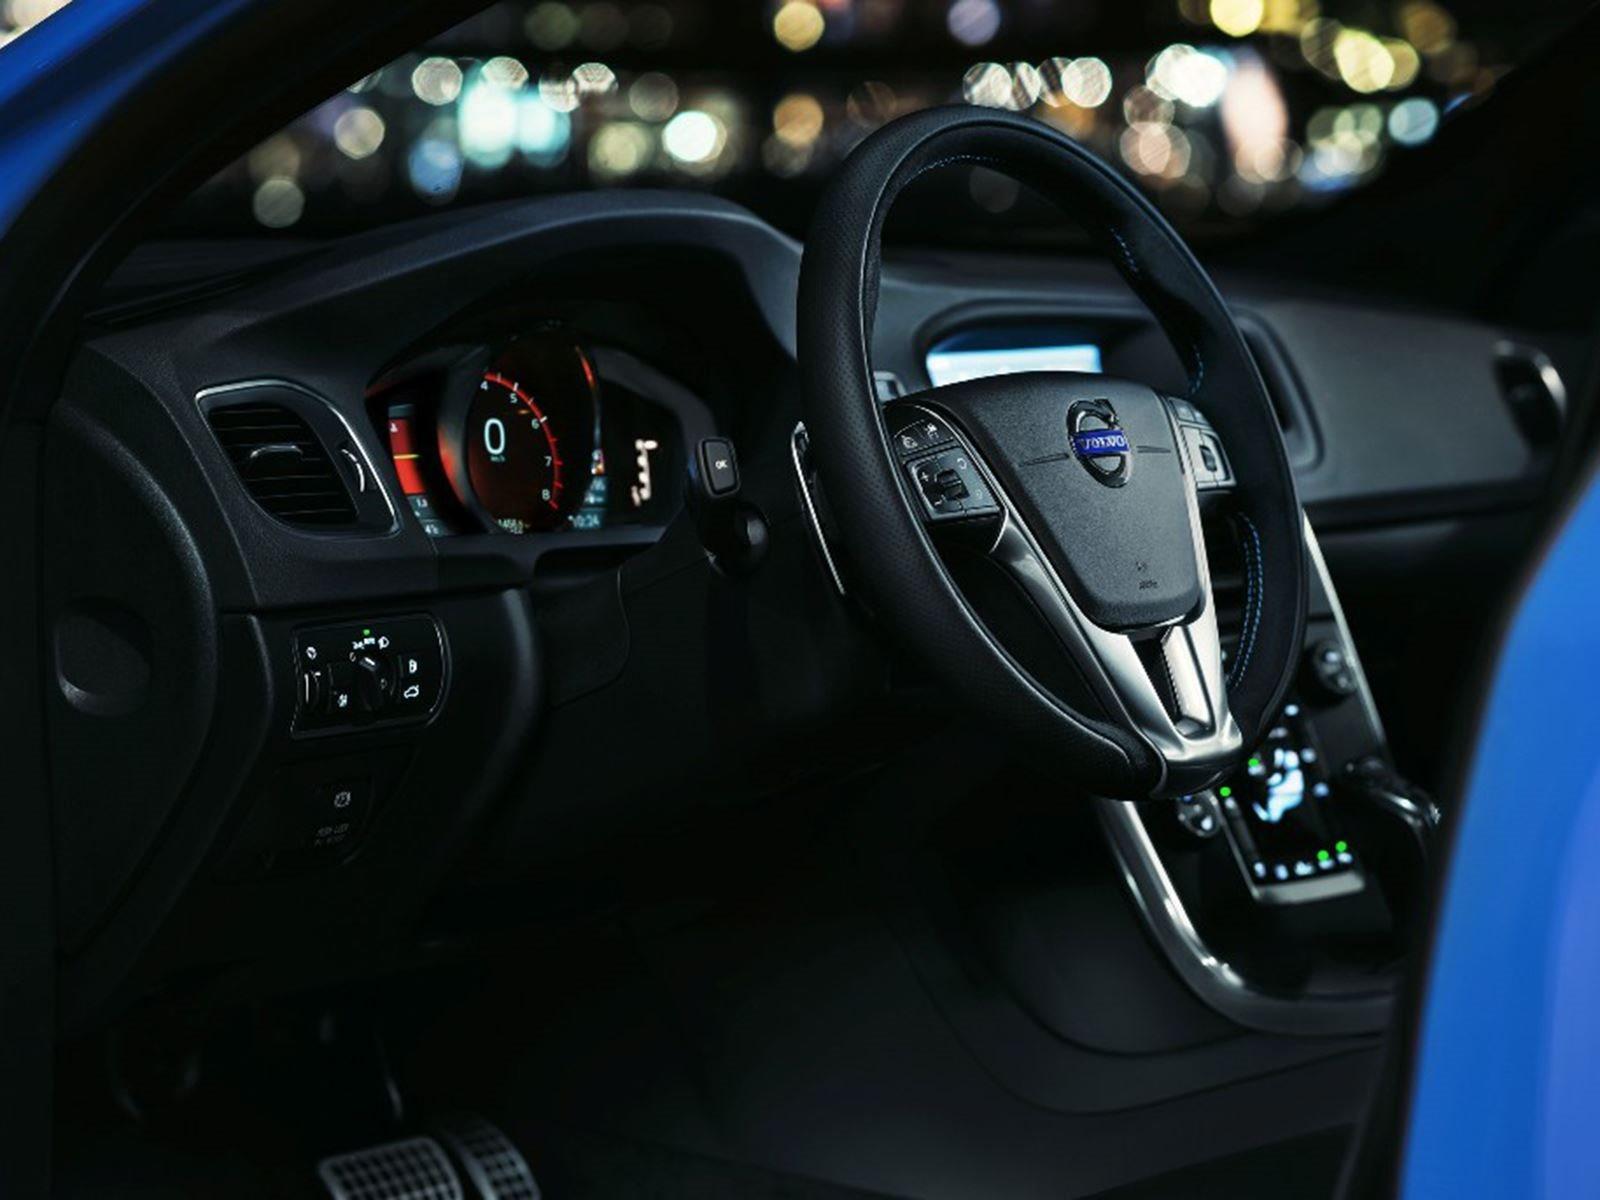 Volvo Polestar S60 V60